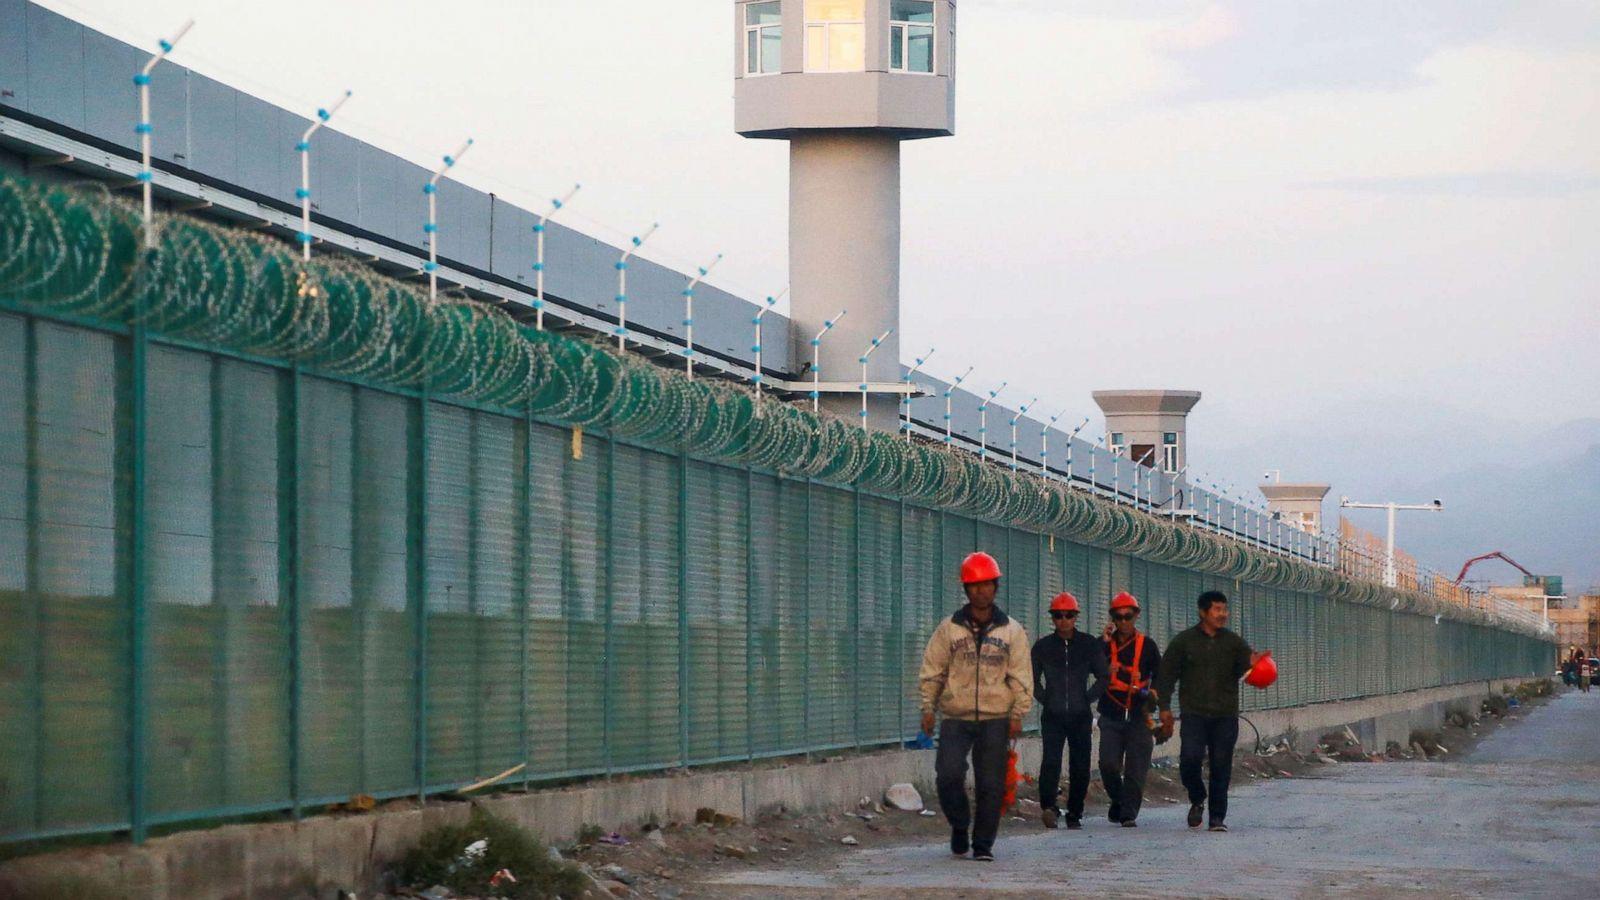 Китай сокращает численность непокорных уйгуров путем насильственной стер...